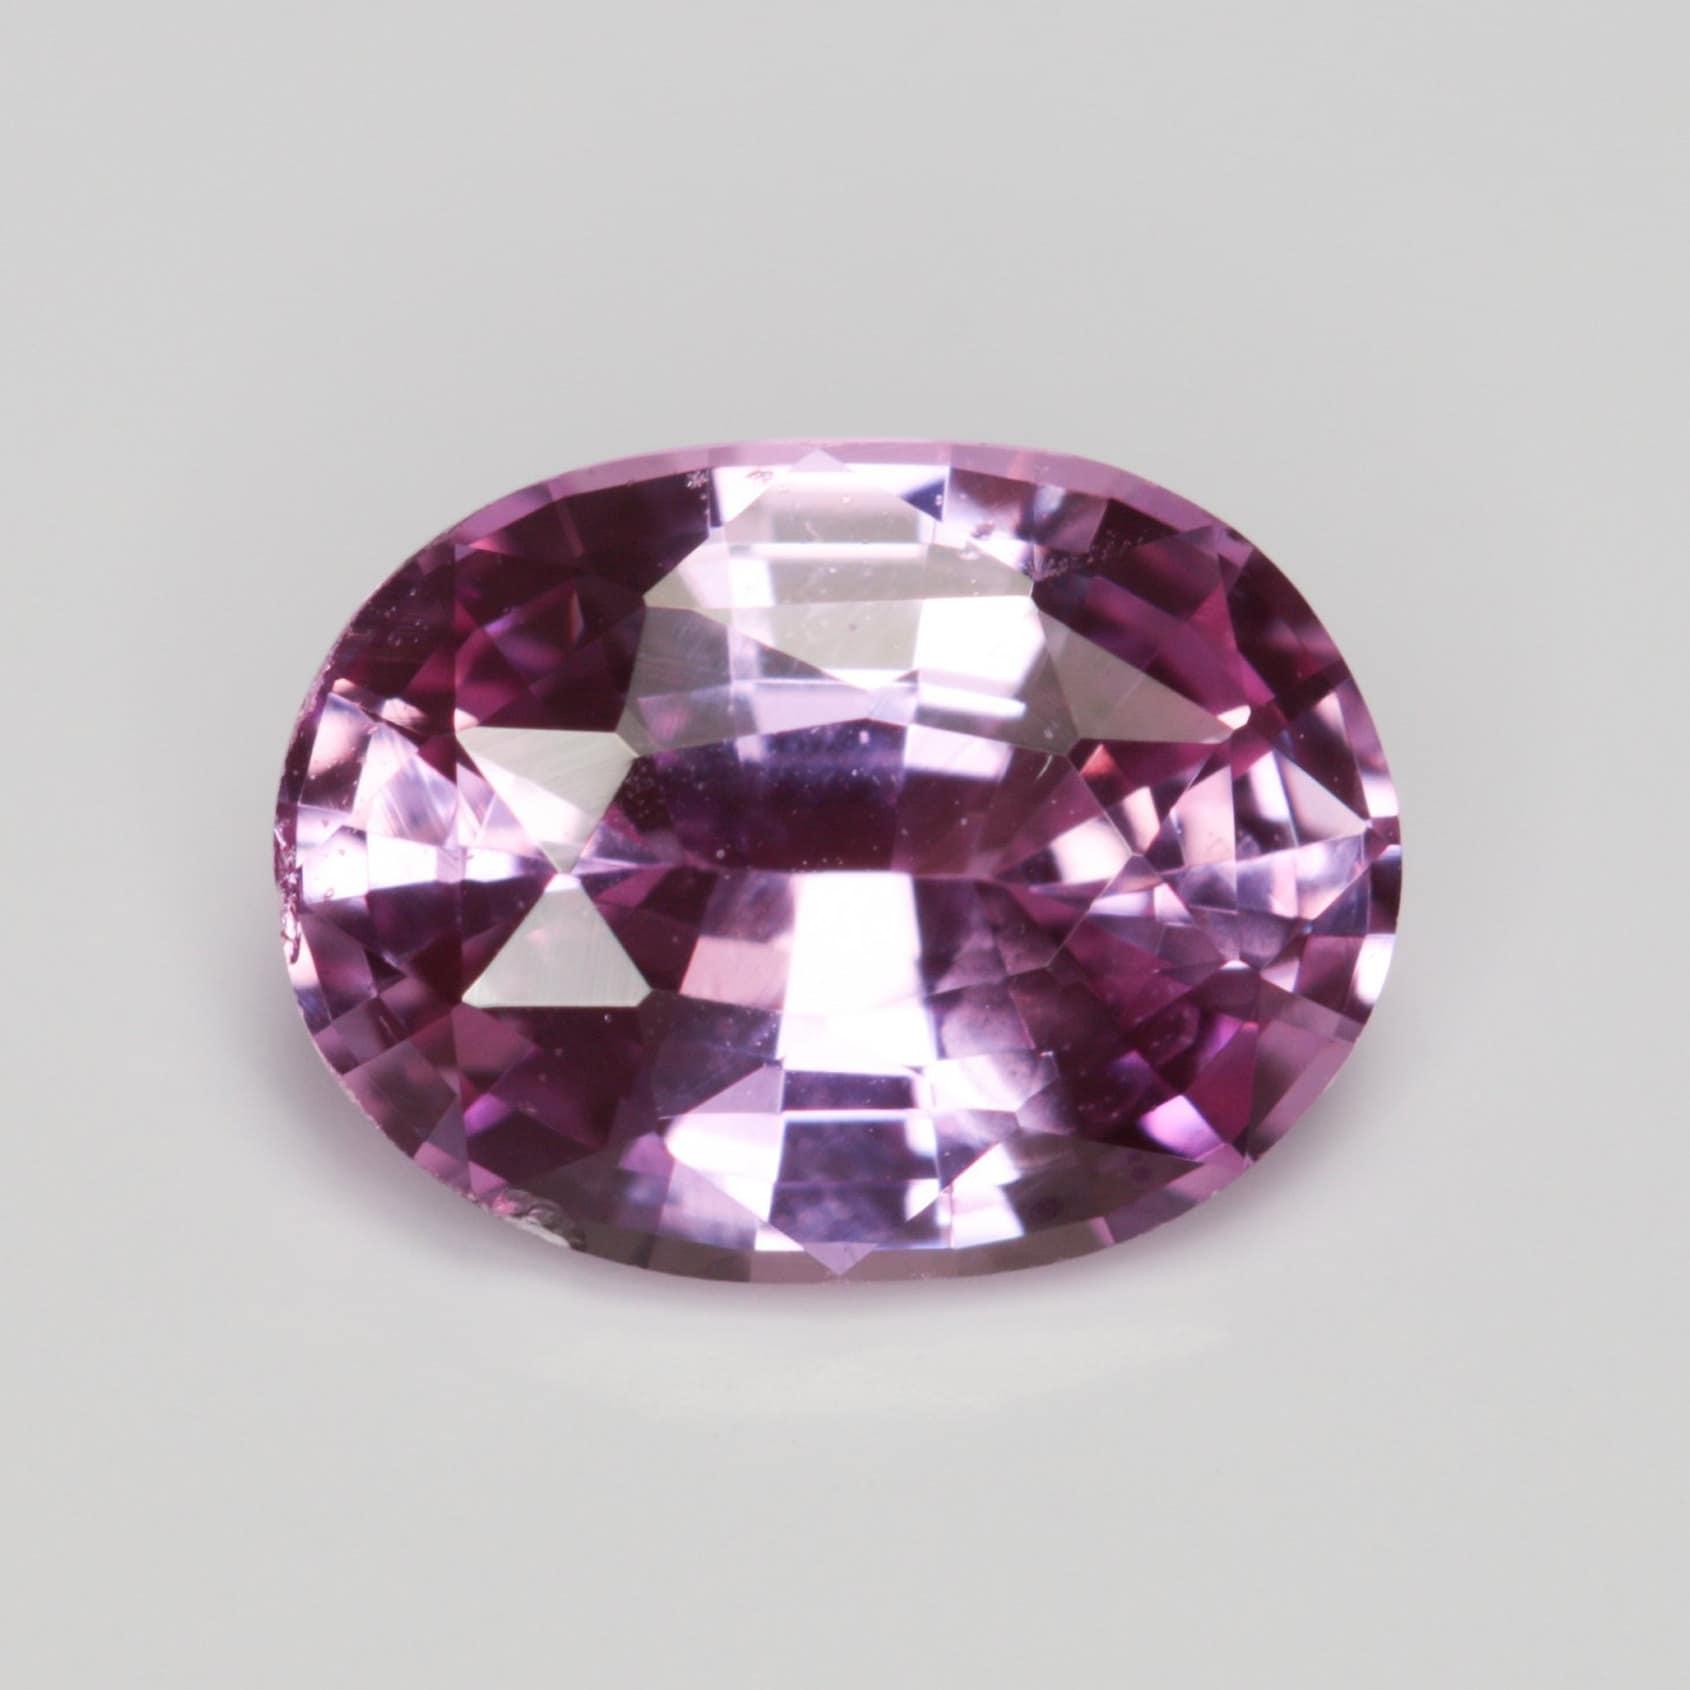 0,851 carat rose saphir très bonne 5,00 coupe ovale 6,66 x 5,00 bonne mm chauffé Pierre lâche 28e06b